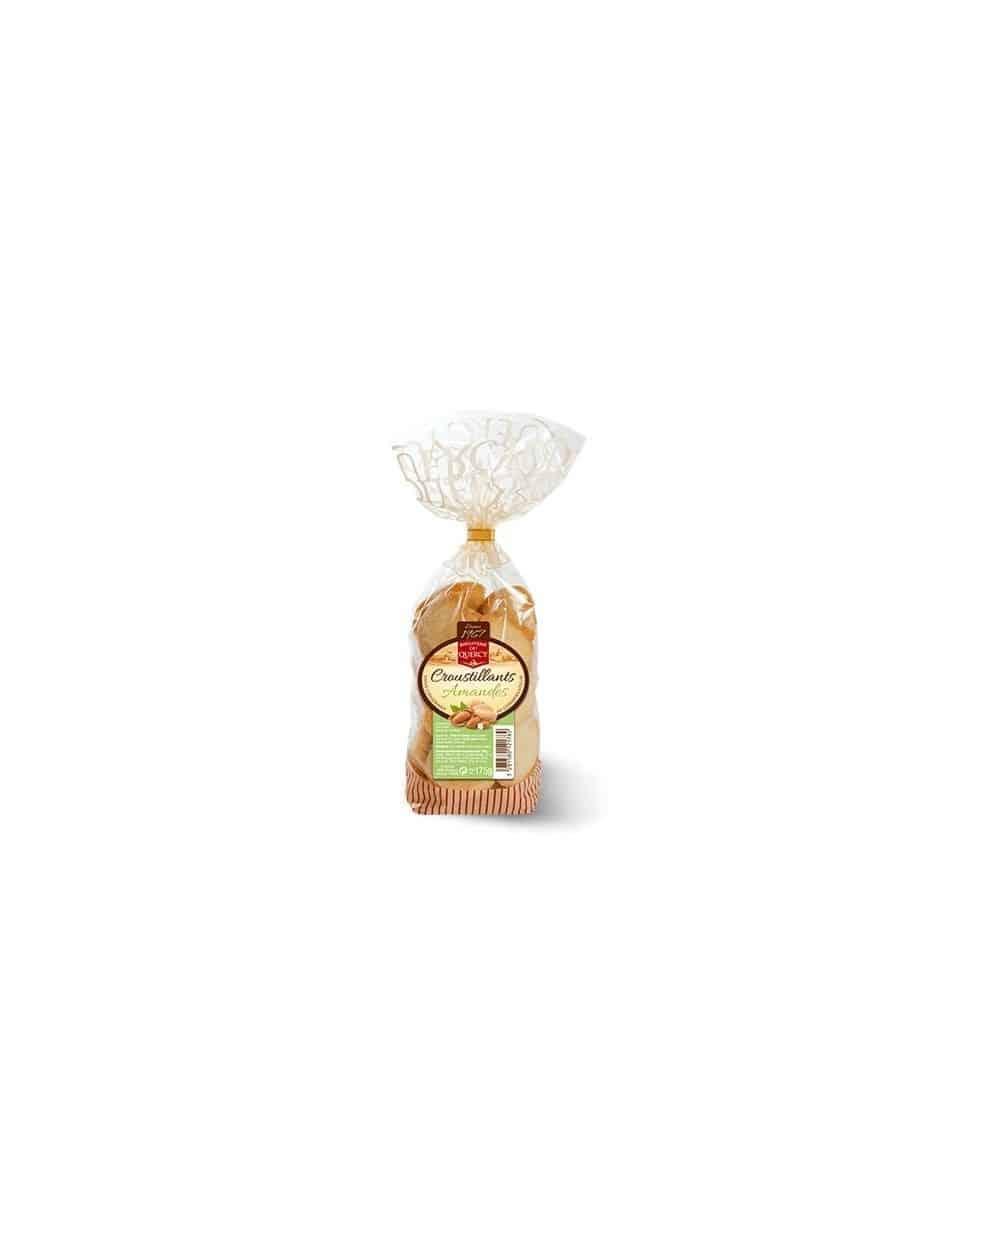 Croustillants aux amandes 100g